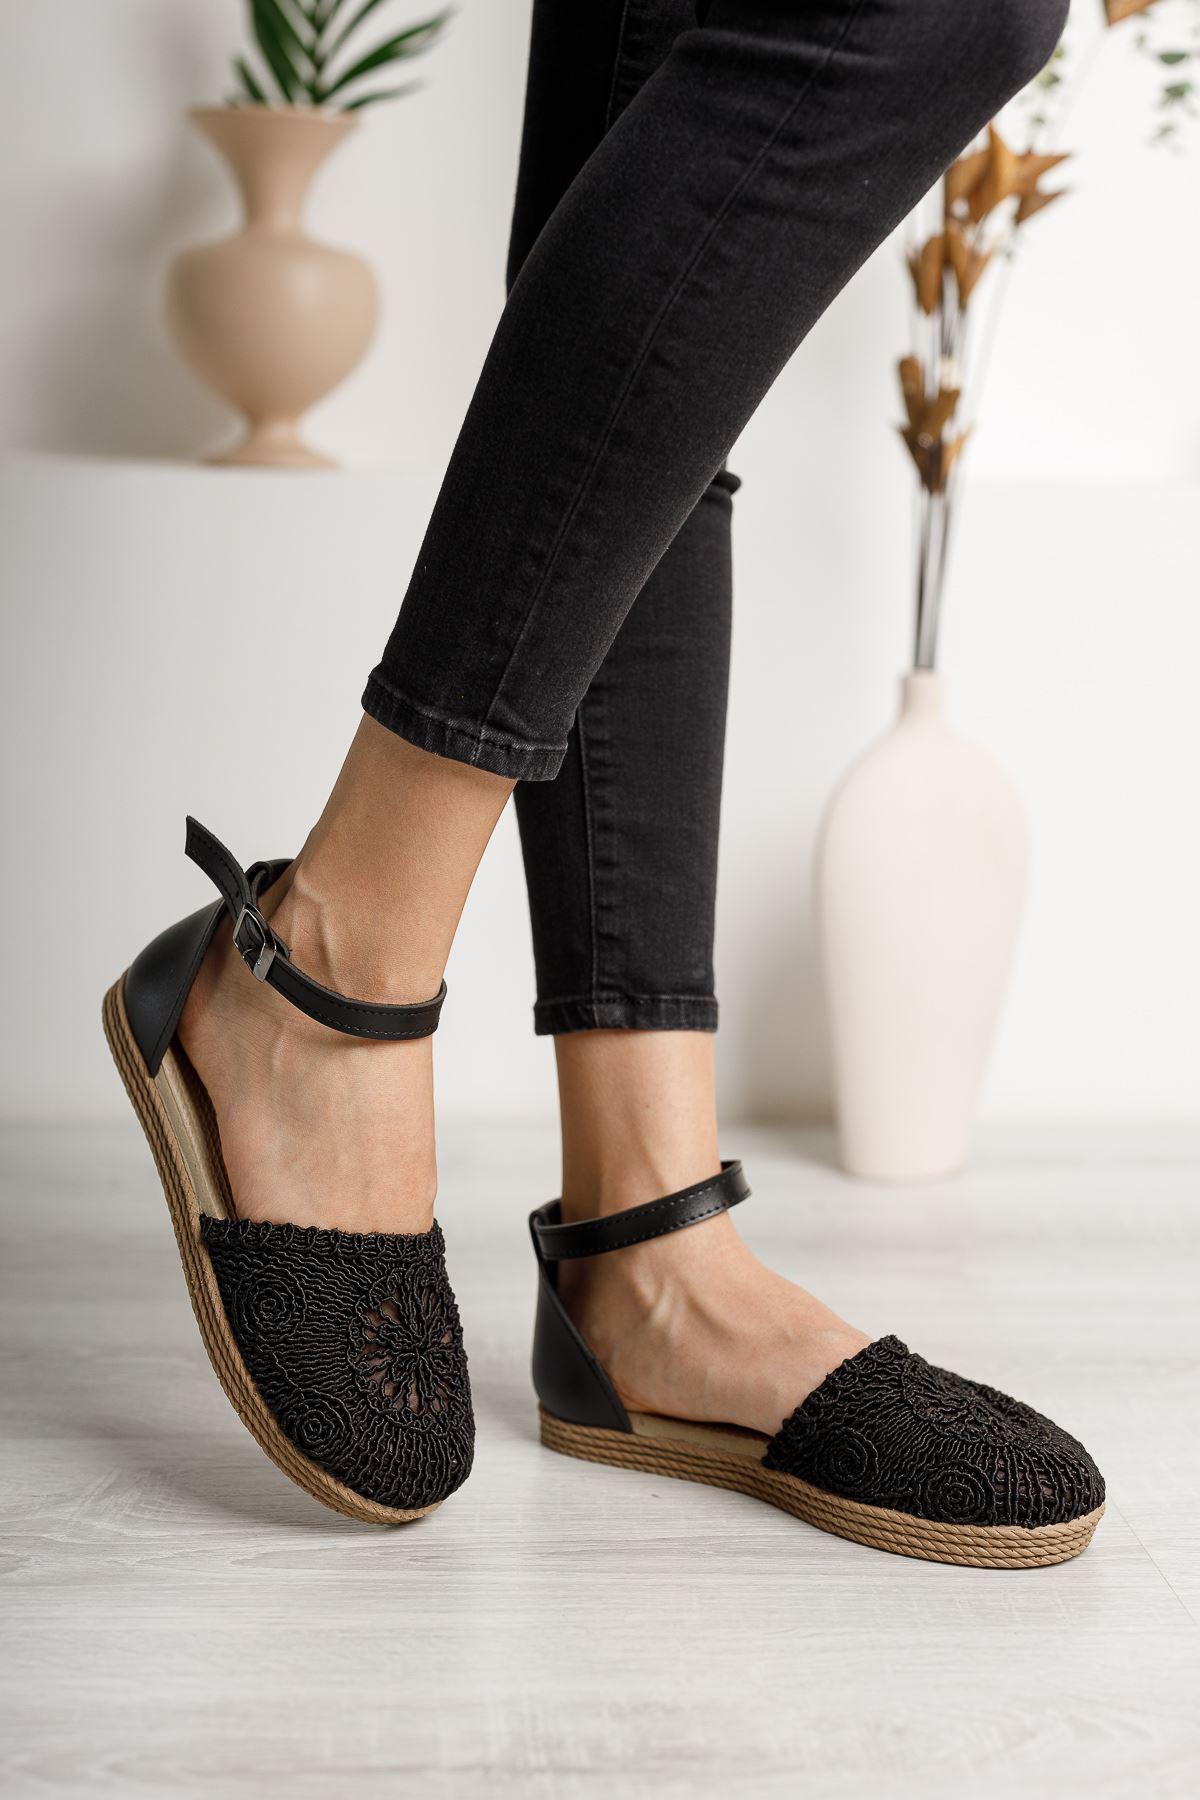 Örgülü Siyah Karnıyarık Ayakkabı